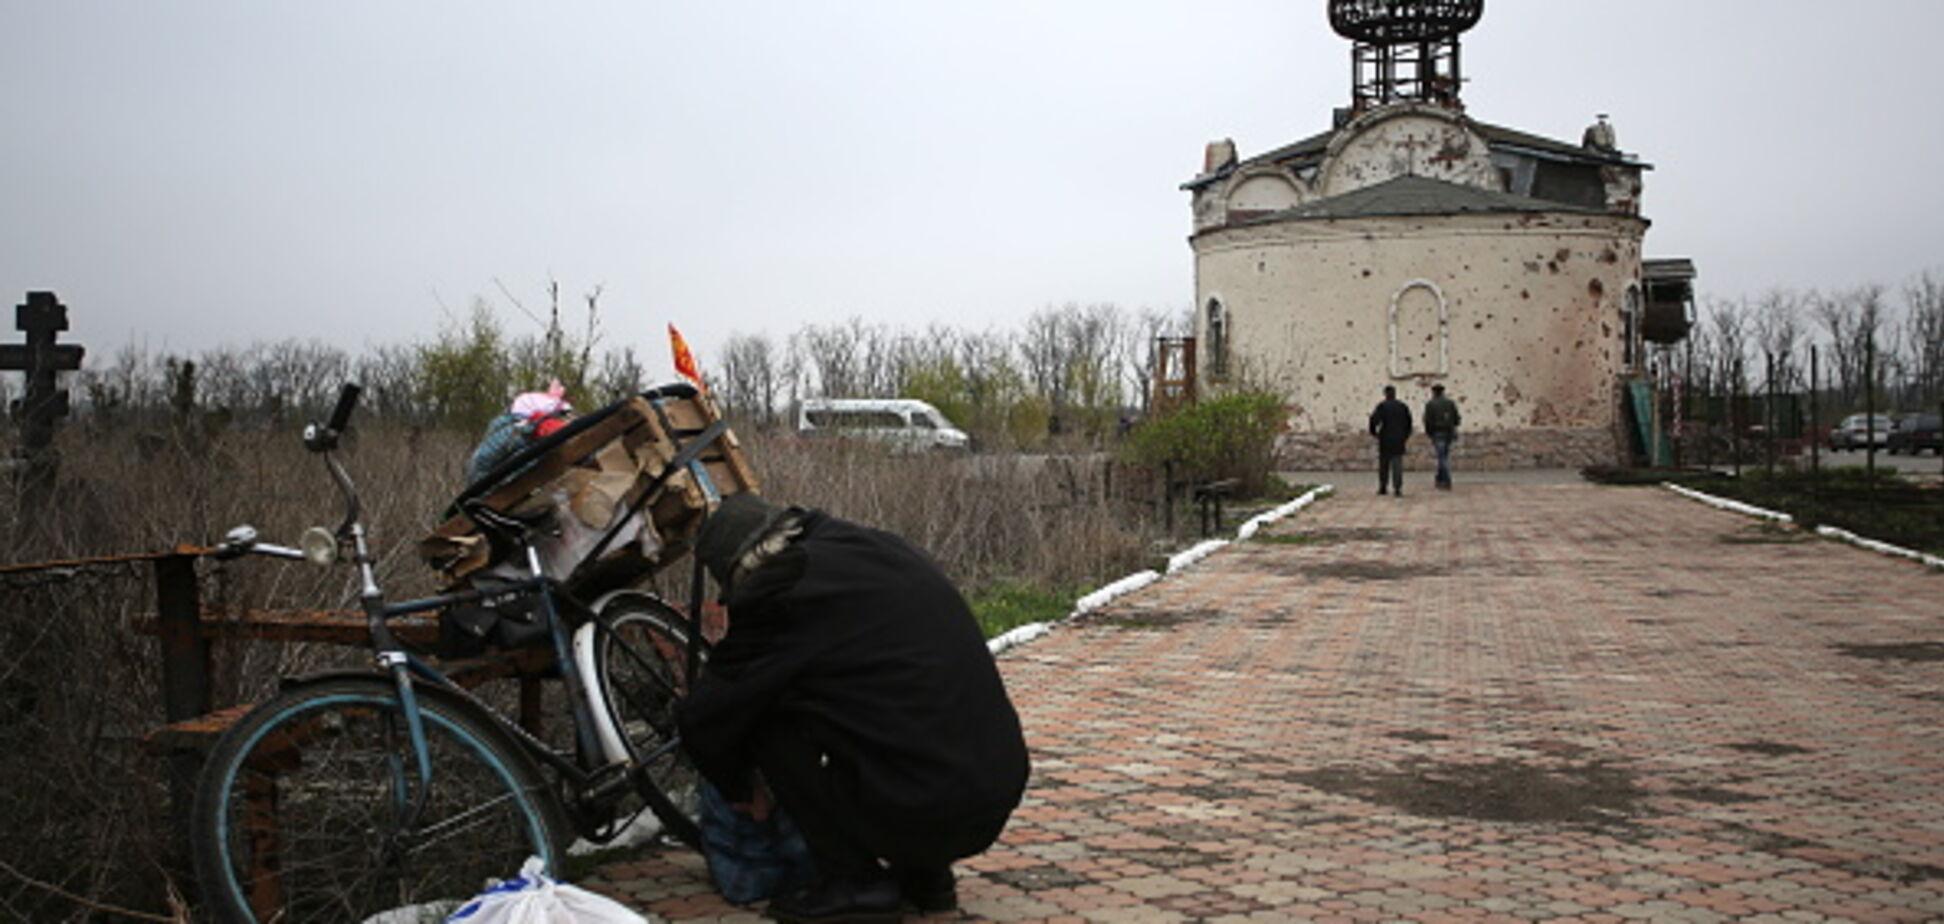 Луганчане не орали 'Путин, введи'. Все они повально белые и пушистые